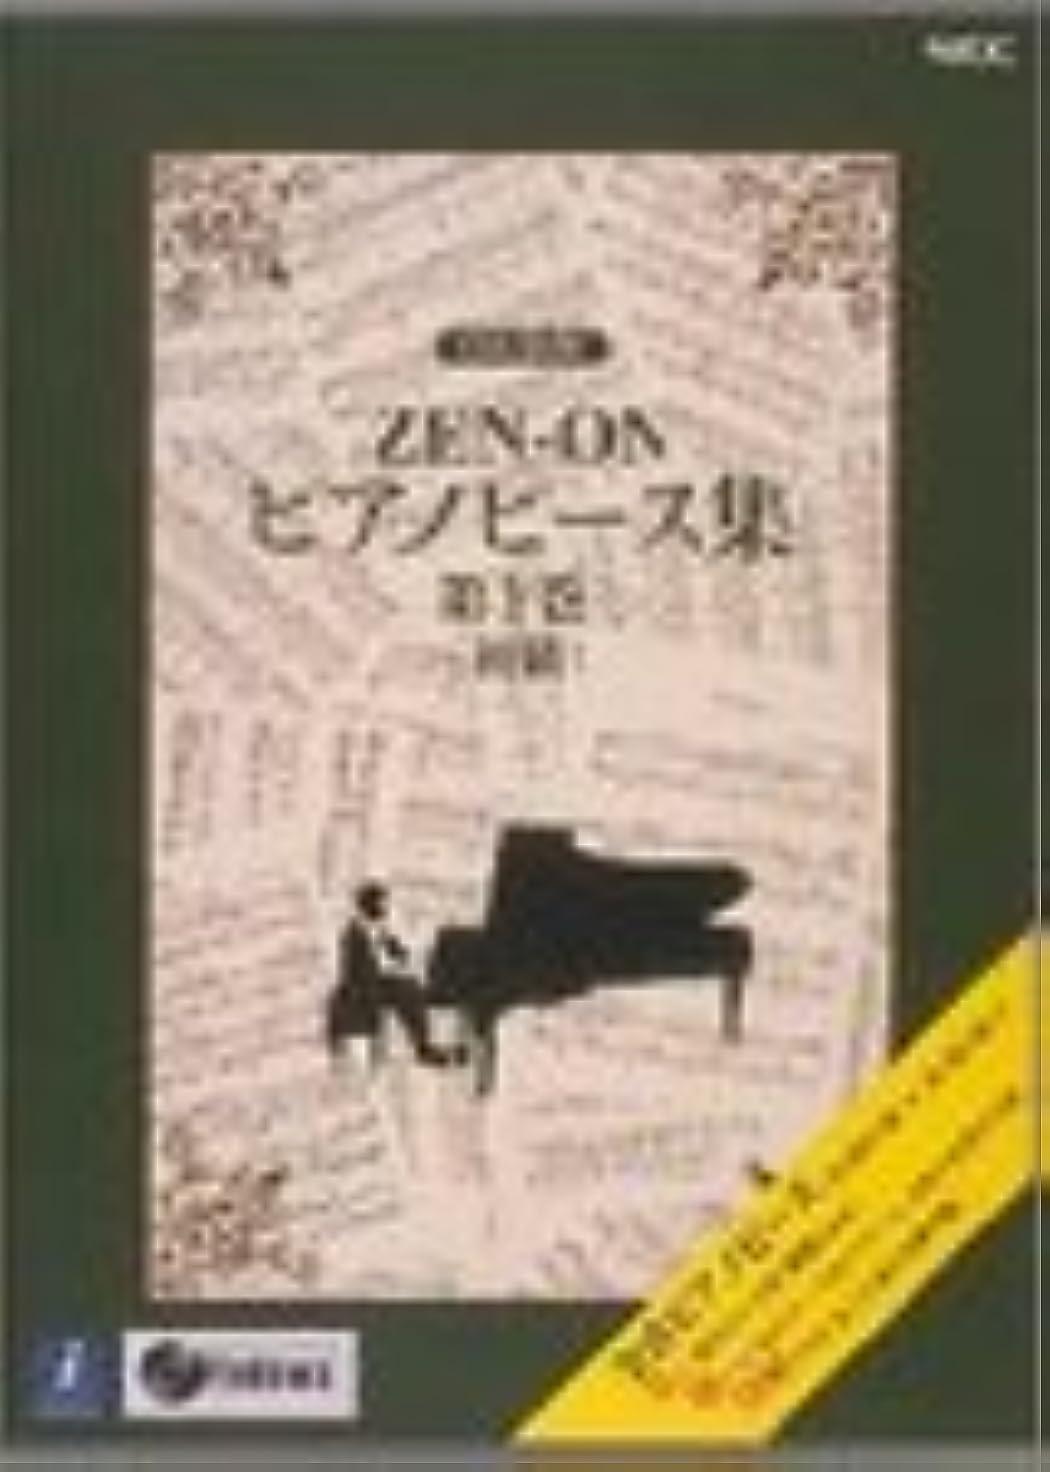 神経衰弱戦士ストライプZEN-ON ピアノピース集 第1巻